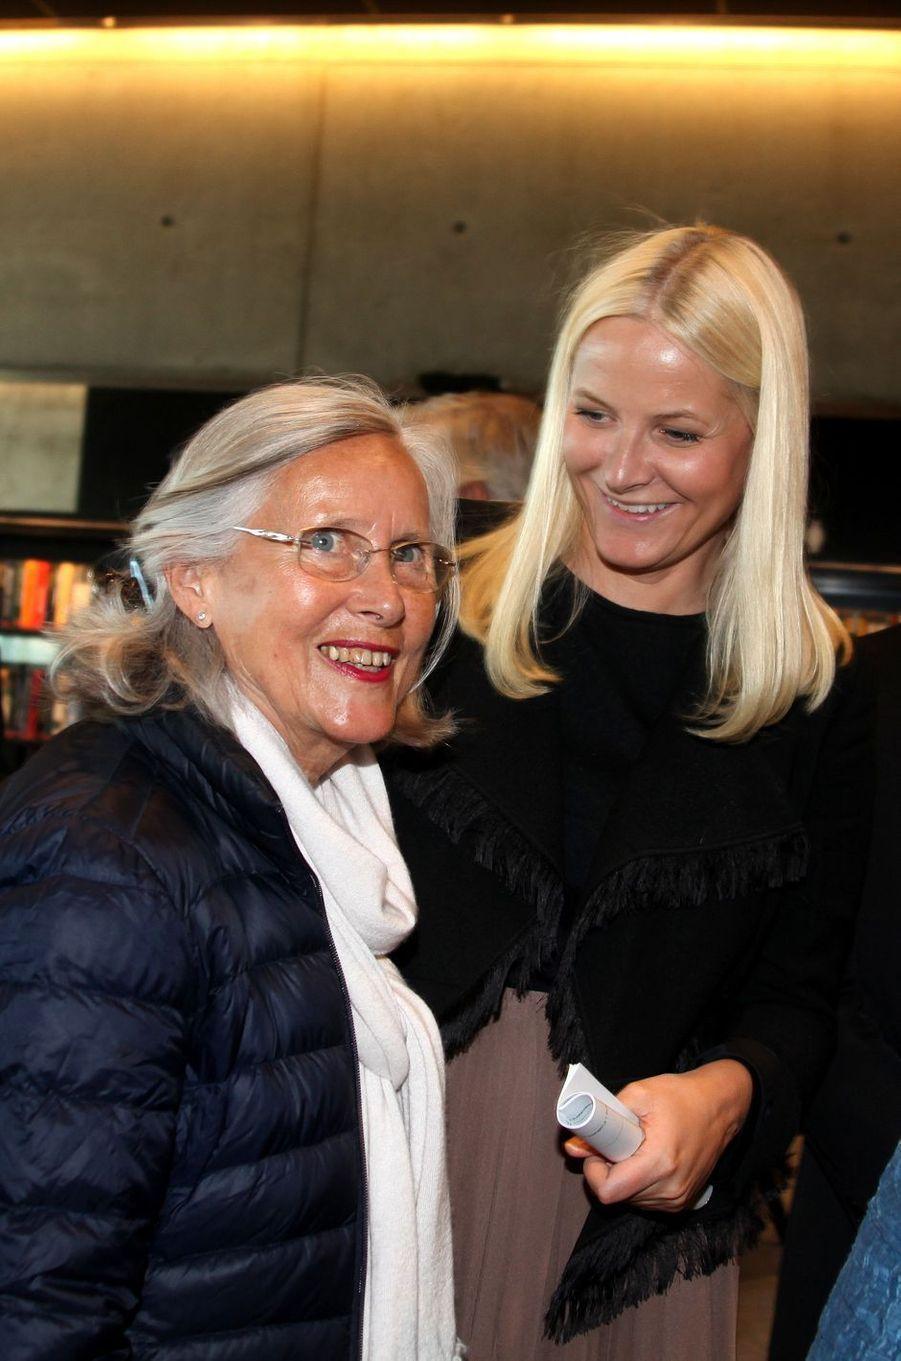 La princesse Mette-Marit de Norvège avec sa mère, le 27 mai 2015